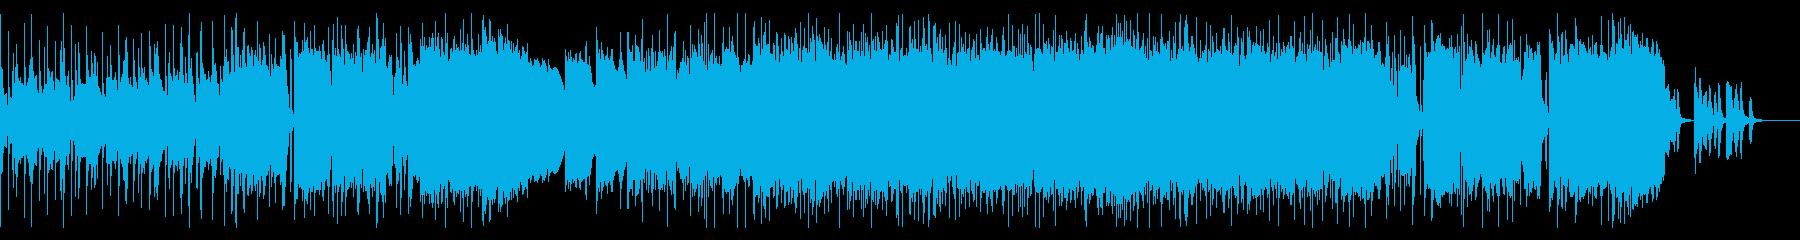 オーケストラ ✕ ロックバンドの再生済みの波形